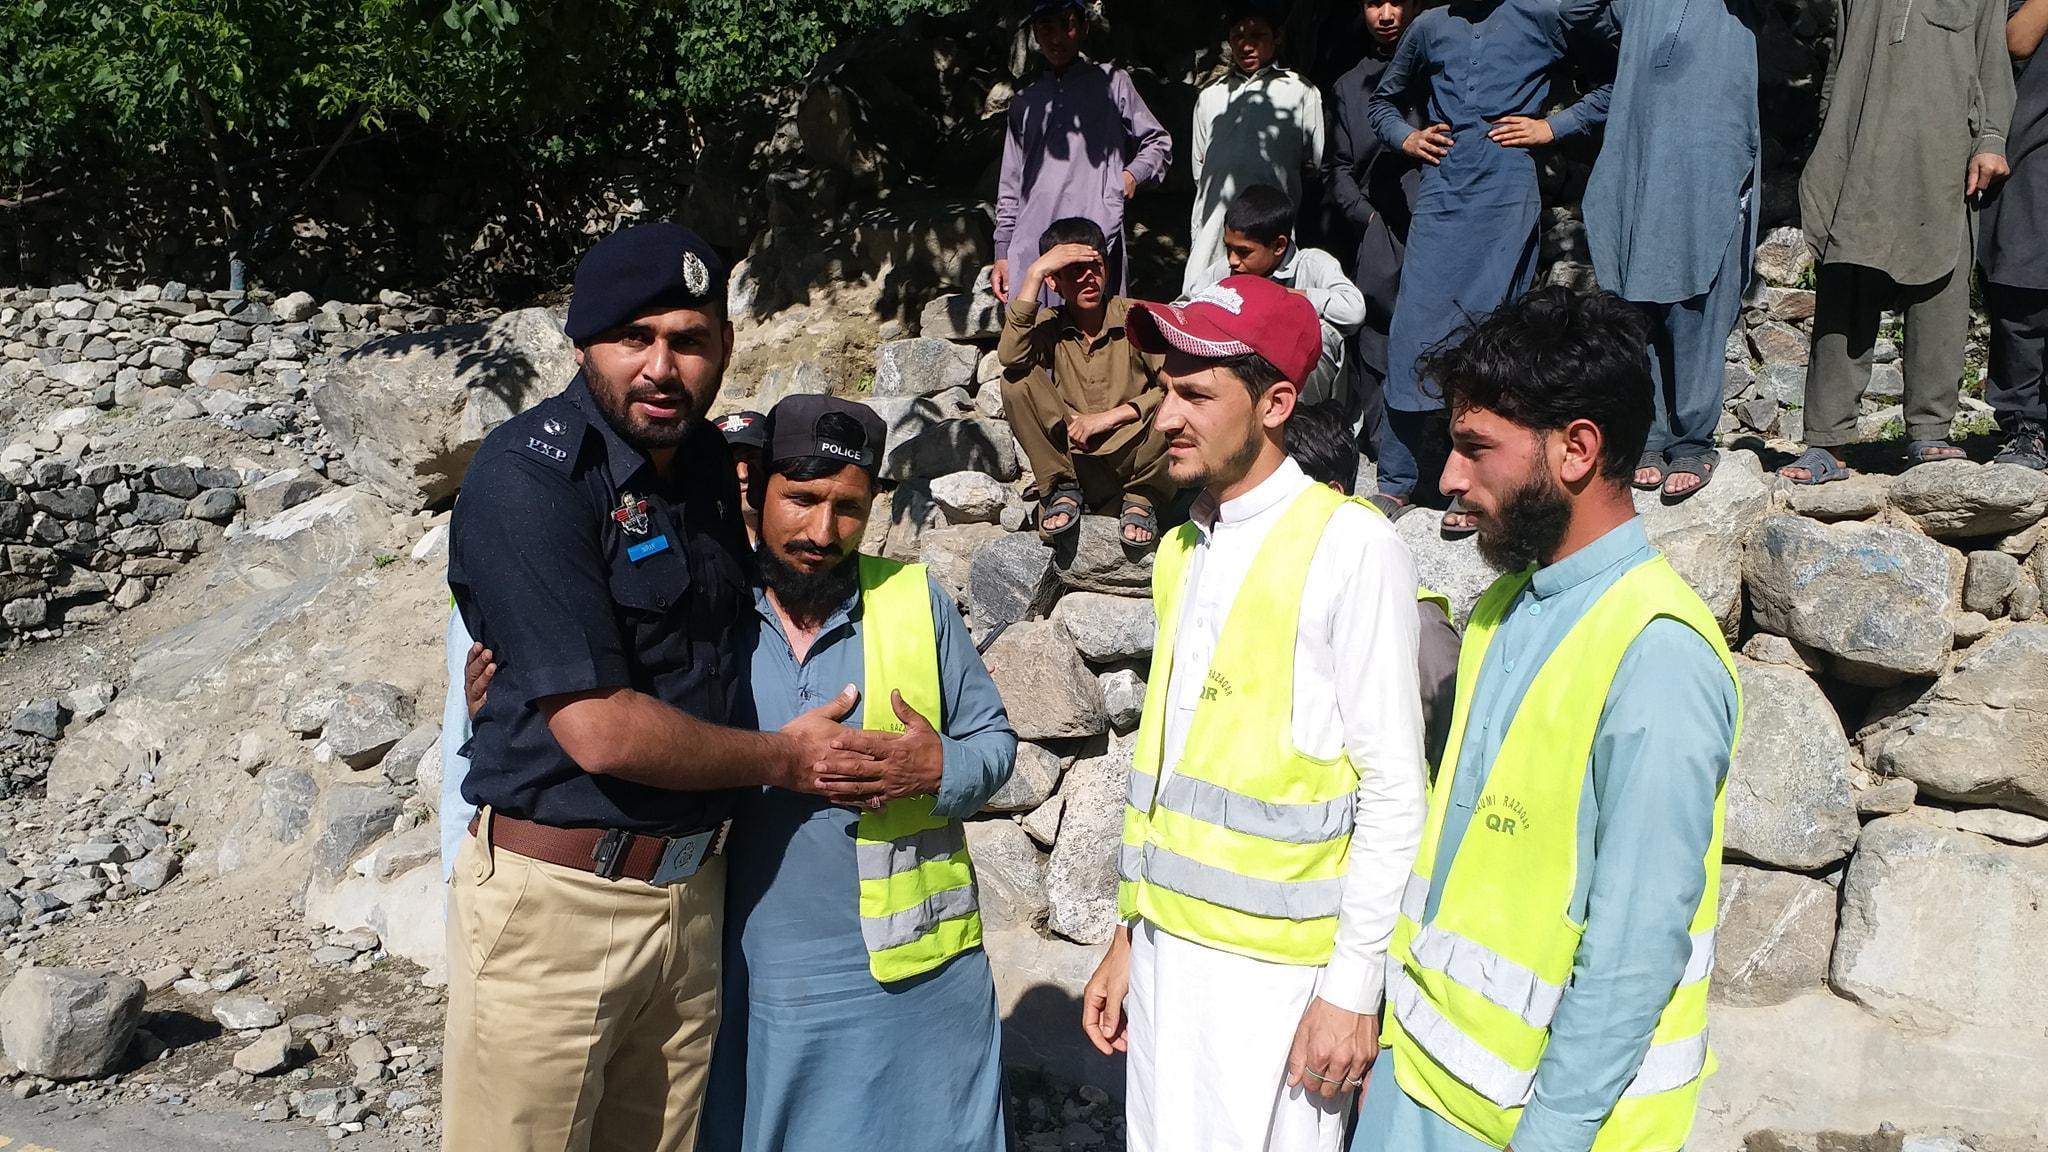 سیاحوںکی حفاظت کےلئے بابوسر روڑپر ٹوراِزم پولیس اور رضاکار فورس کے جوان تعینات